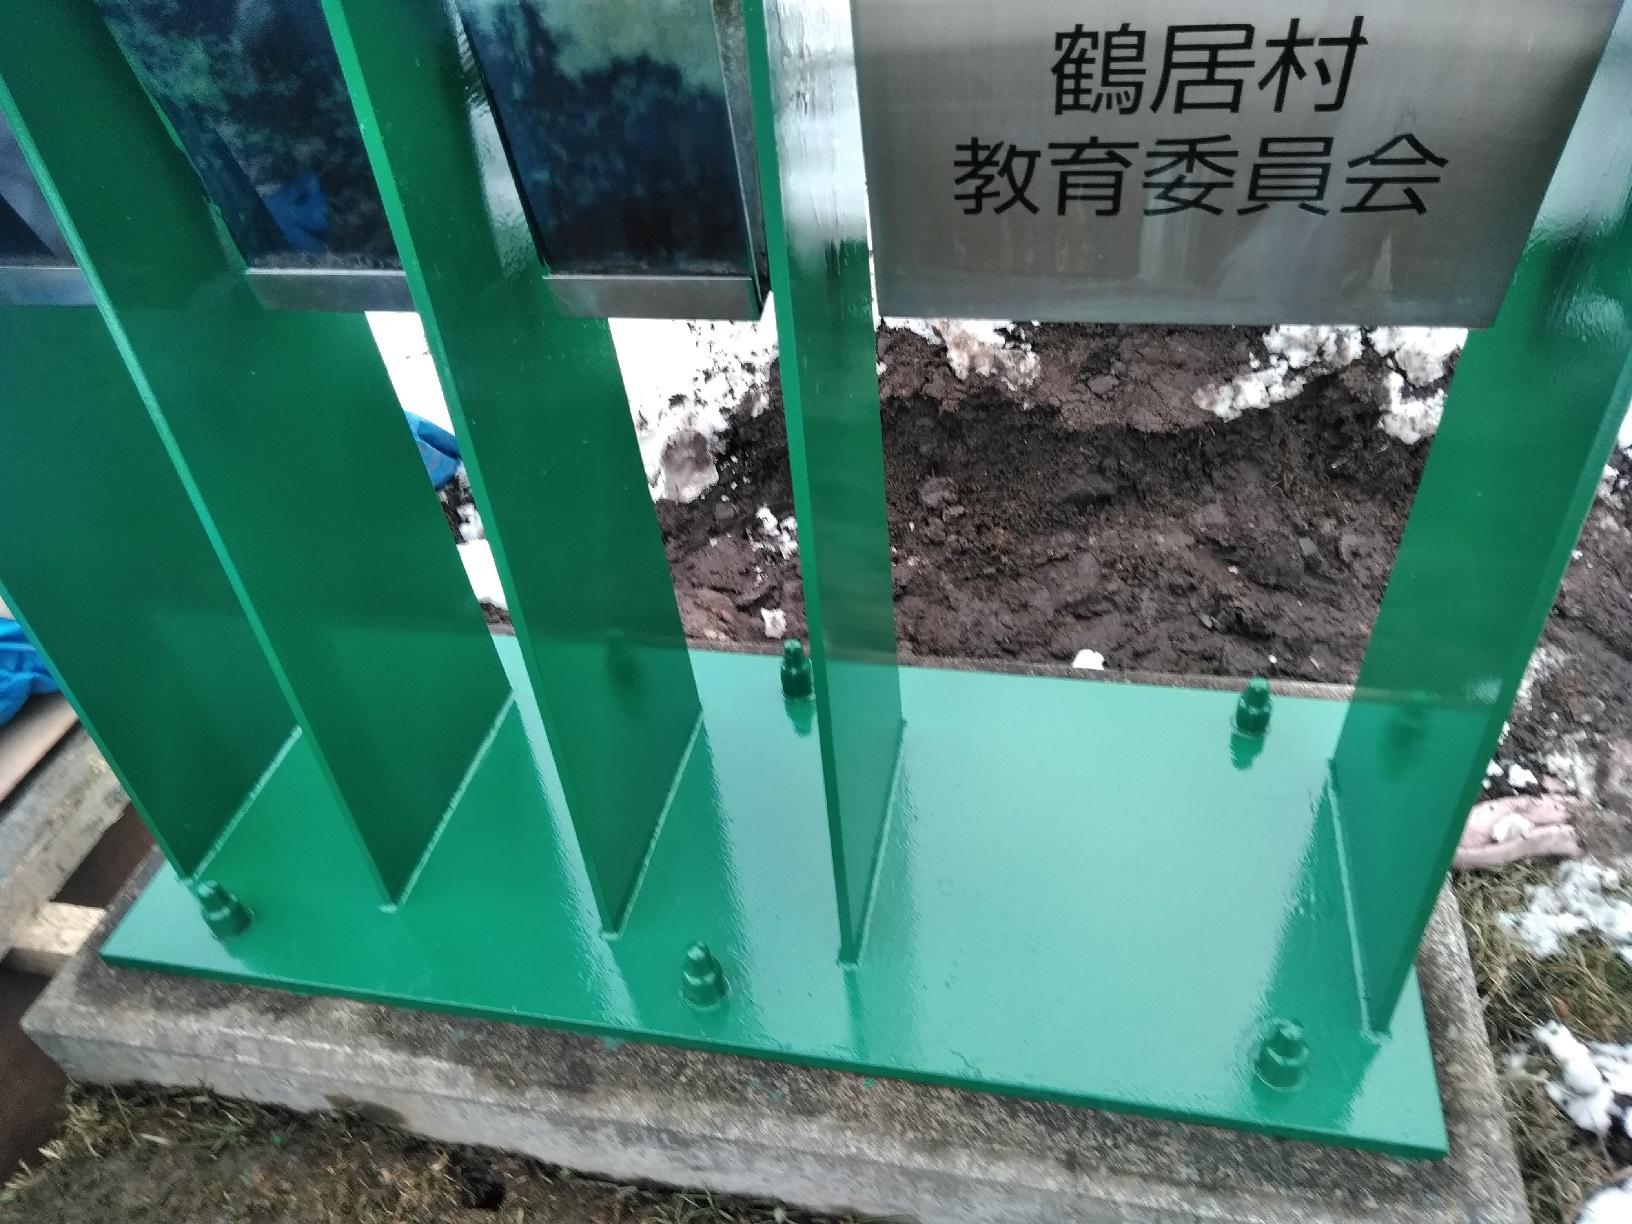 鶴居村ふるさと館 看板フレーム塗装